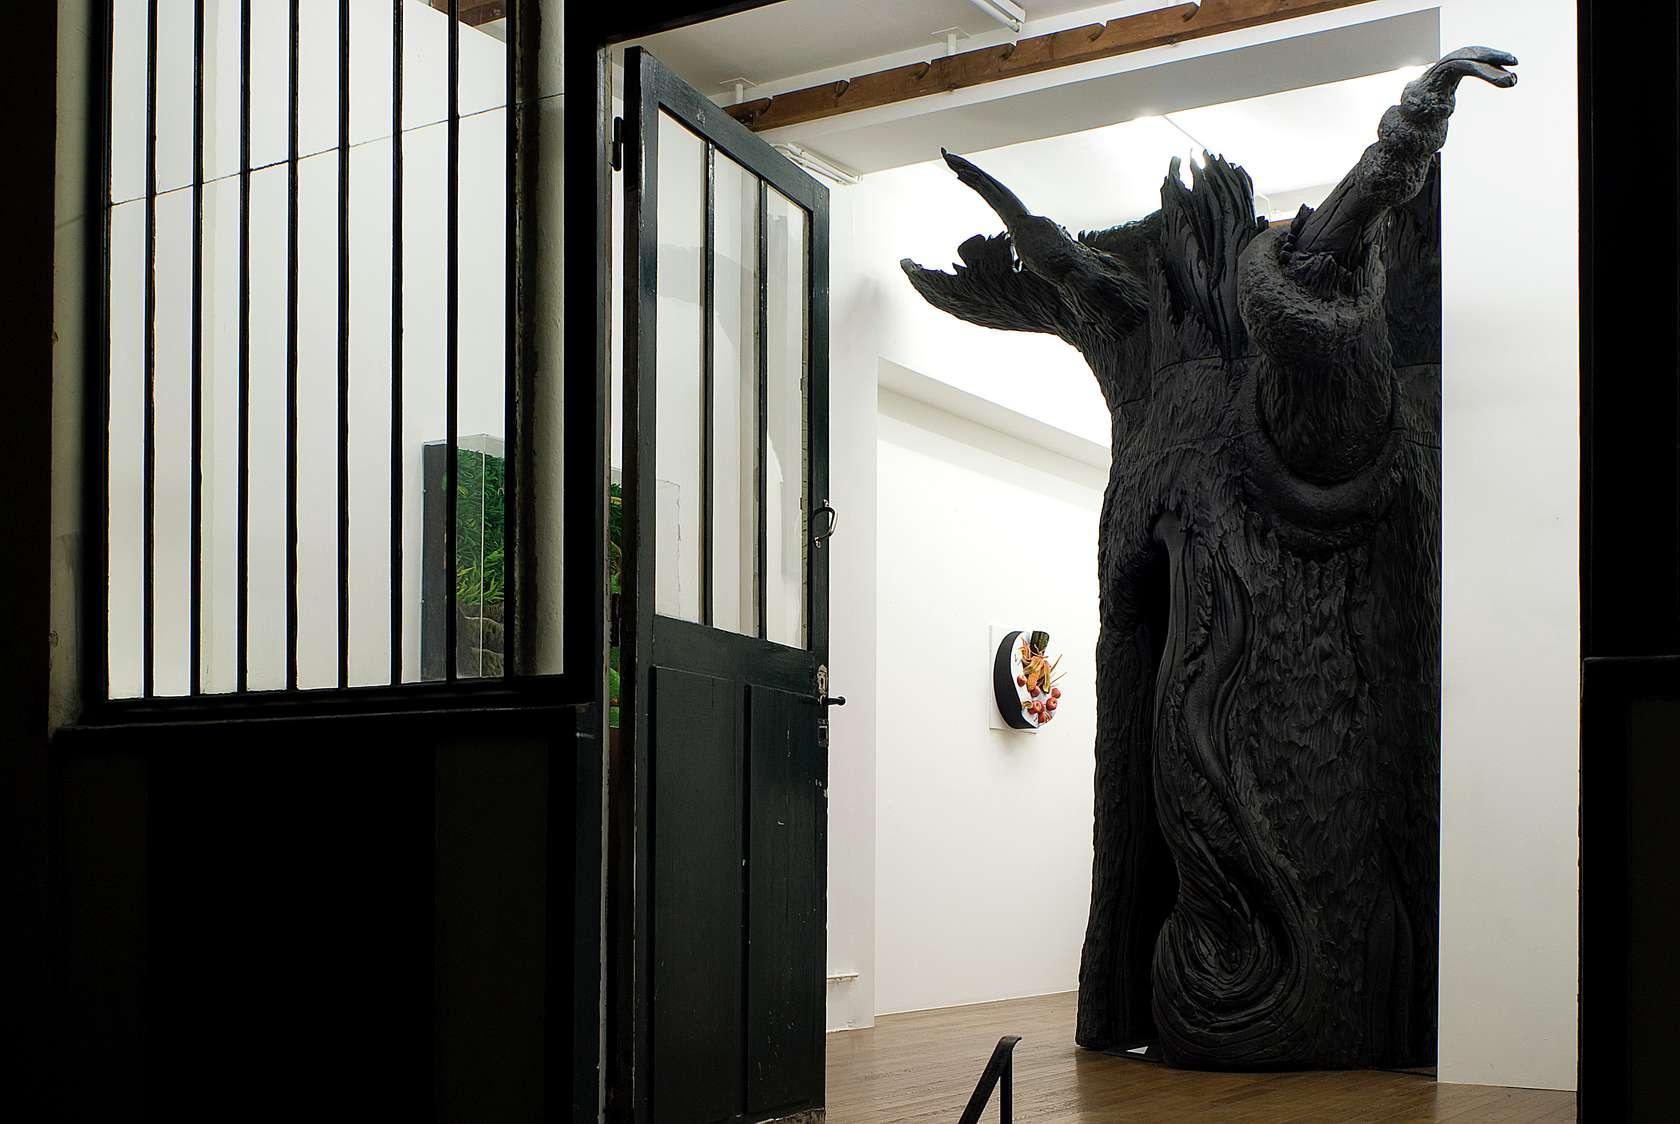 Piero Gilardi, Phosphor, 2008 Mousse de polyurethane et dispositif électronique280 × 360 cm / 110 2/8 × 141 6/8 in.